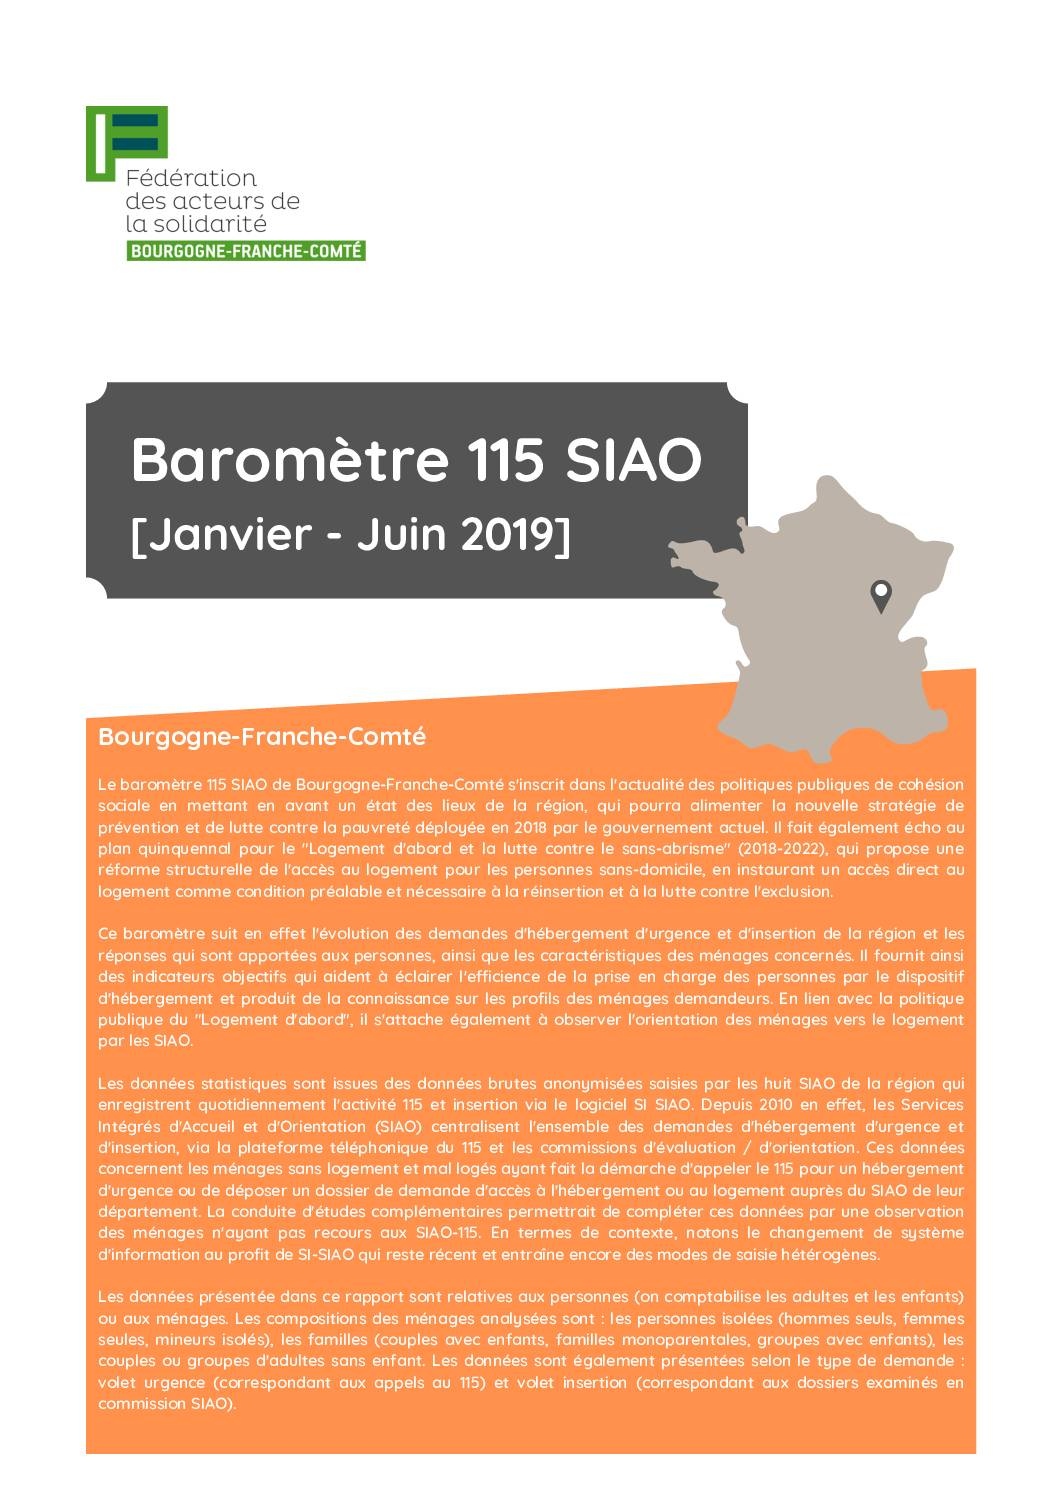 La Fédération publie son baromètre 115 SIAO 2019